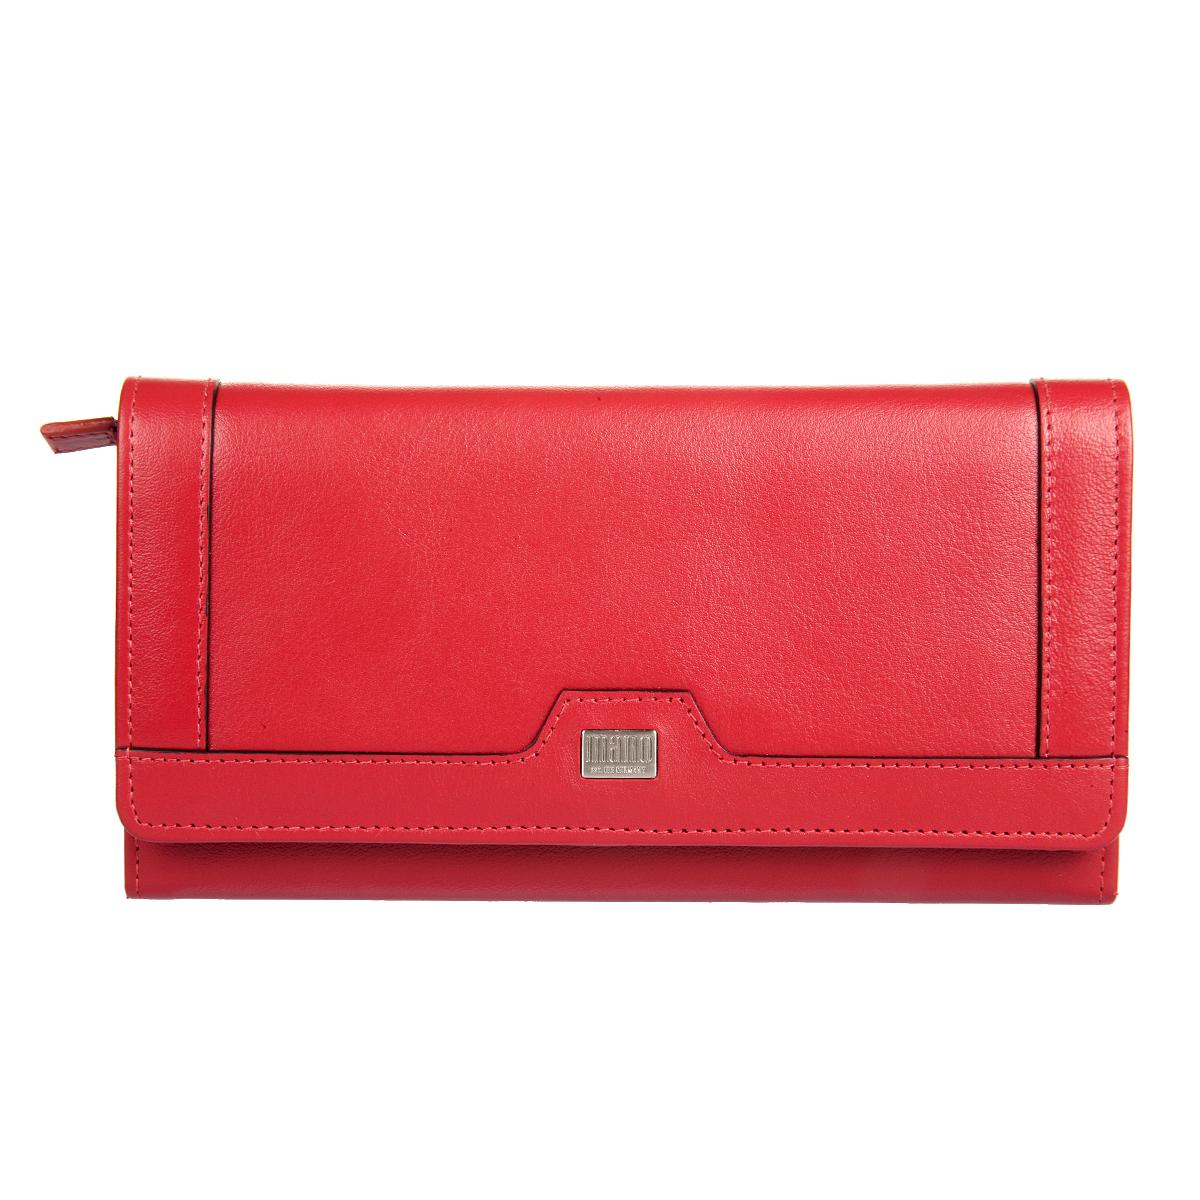 Портмоне женское Mano, цвет: красный. 2010020100 SETRU redСтильное женское портмоне Mano выполнено из натуральной кожи и декорировано металлической эмблемой в виде логотипа бренда. Модель закрывается клапаном на кнопку. Внутри имеется отделение для купюр, разделенное пополам карманом-средником на застежке- молнии, пришивной карман, двадцать отделений для пластиковых и визитных карточек, один из них с сетчатой вставкой и потайной карман. Внешняя задняя сторона дополнена пришивным карманом для документов с отделением на застежке-молнии для мелочи. Портмоне упаковано в фирменную картонную коробку. Такое портмоне станет стильным аксессуаром, который прекрасно дополнит образ.